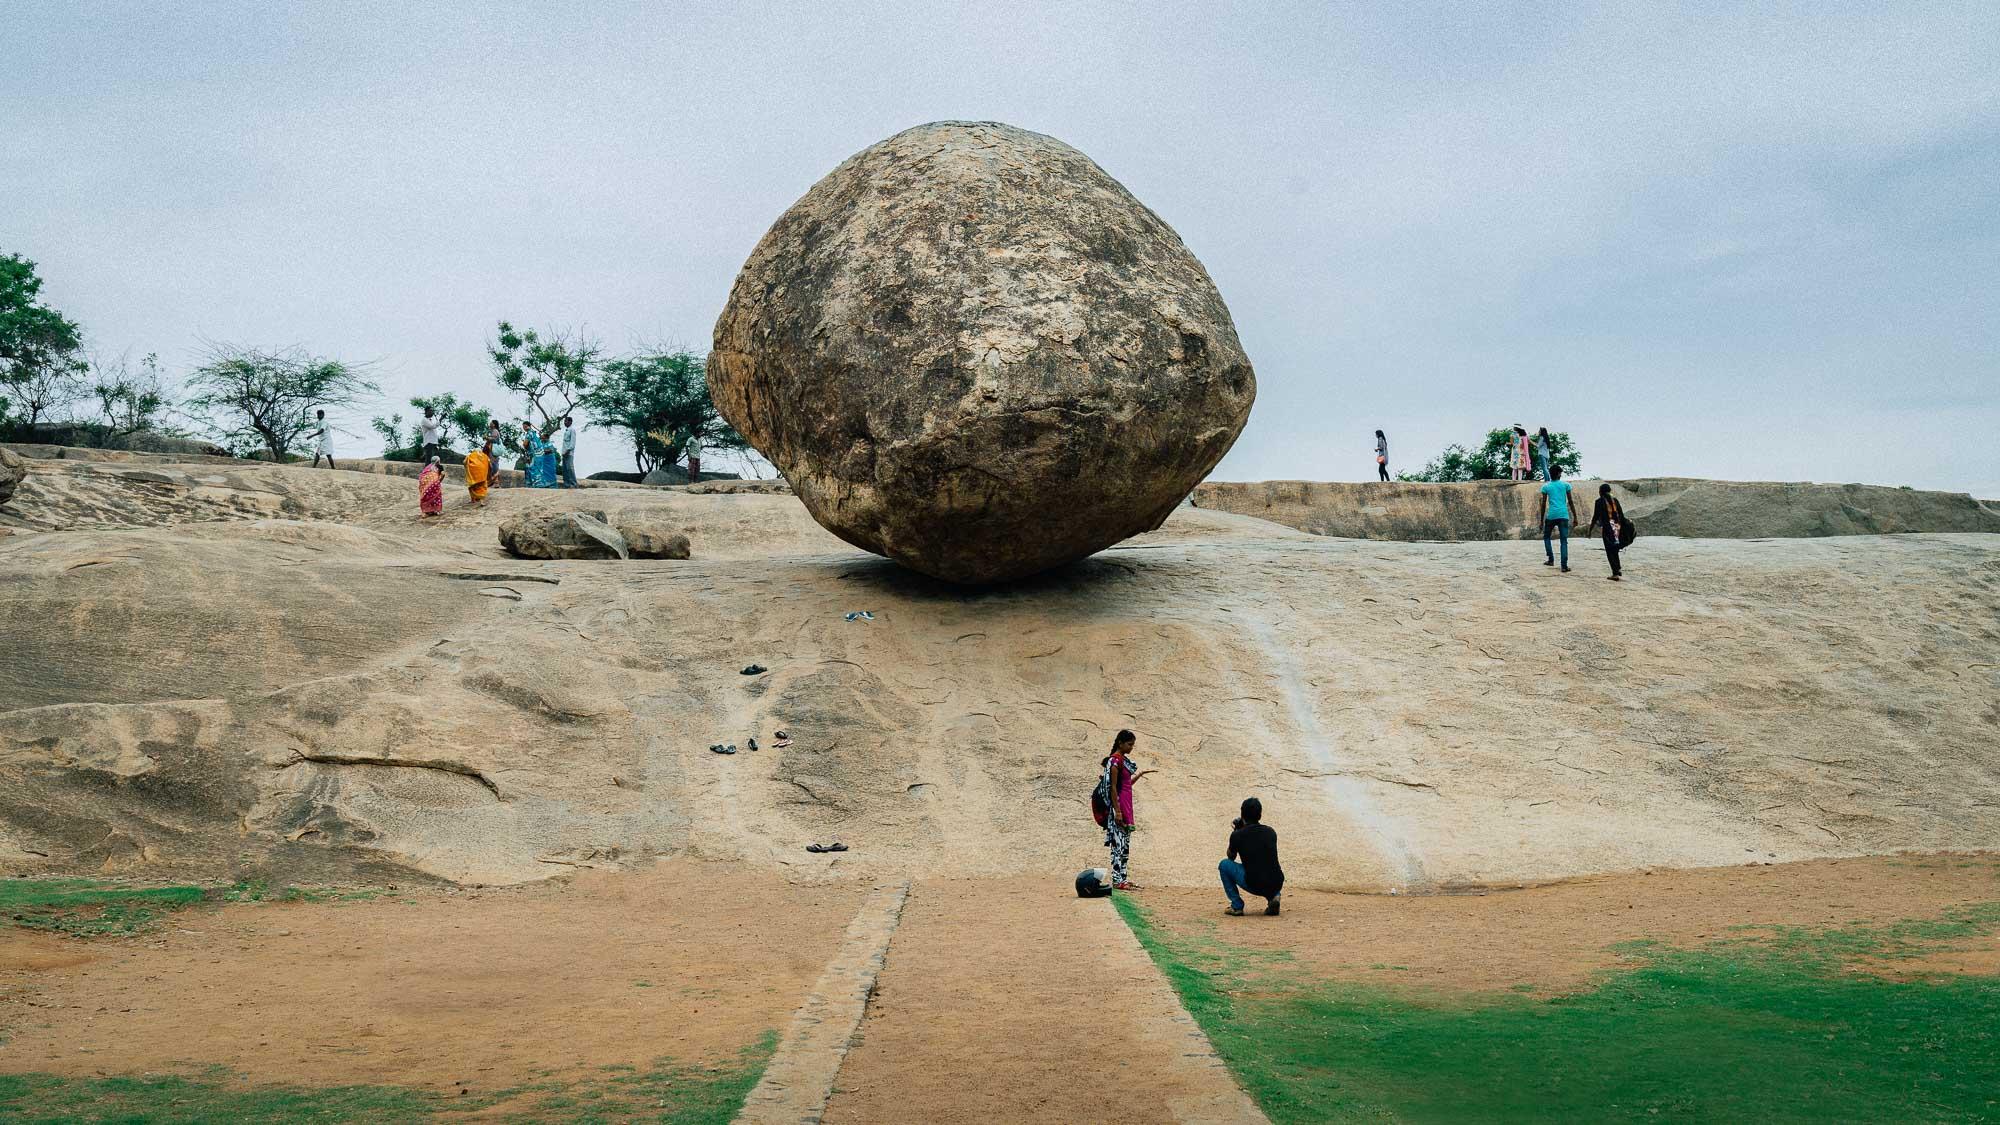 160625-chennai-mahabalipuram-trip-125832-Edit.jpg